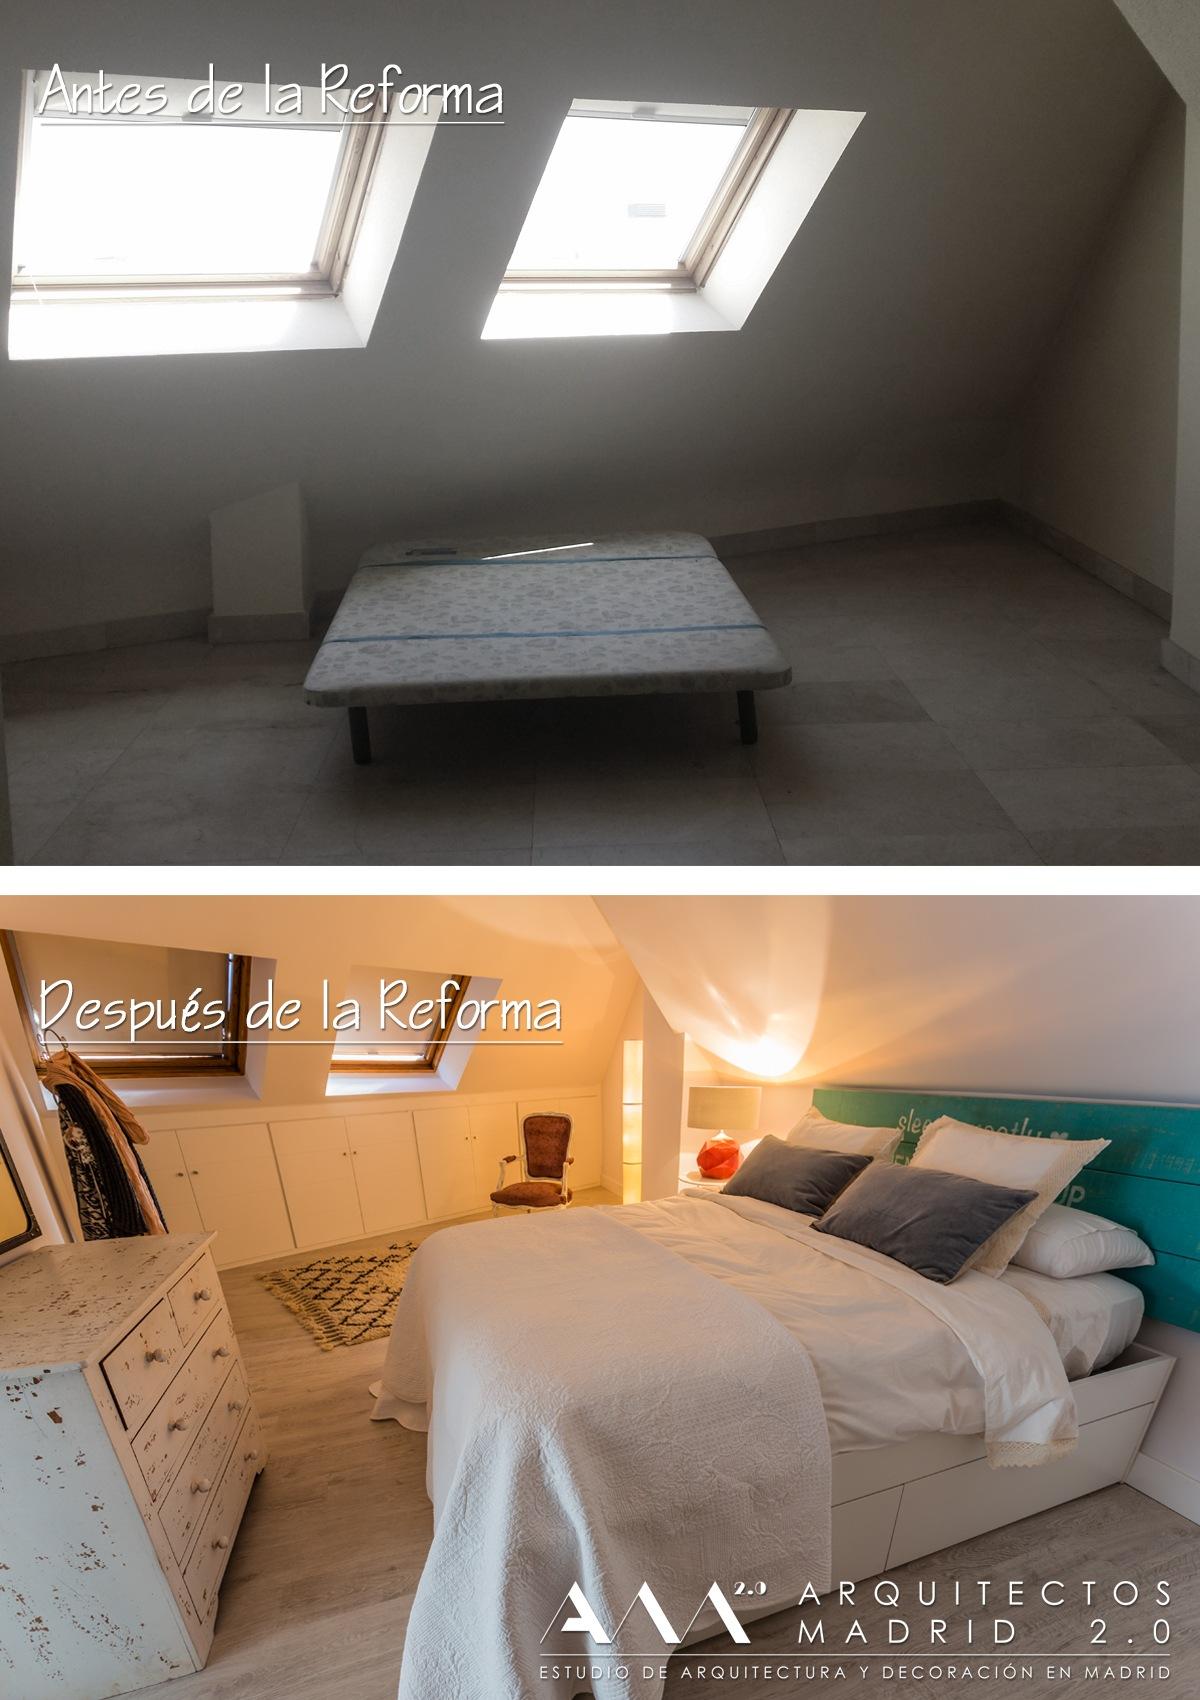 reformas-viviendas-ideas-antes-despues-pisos-casas-obras-12